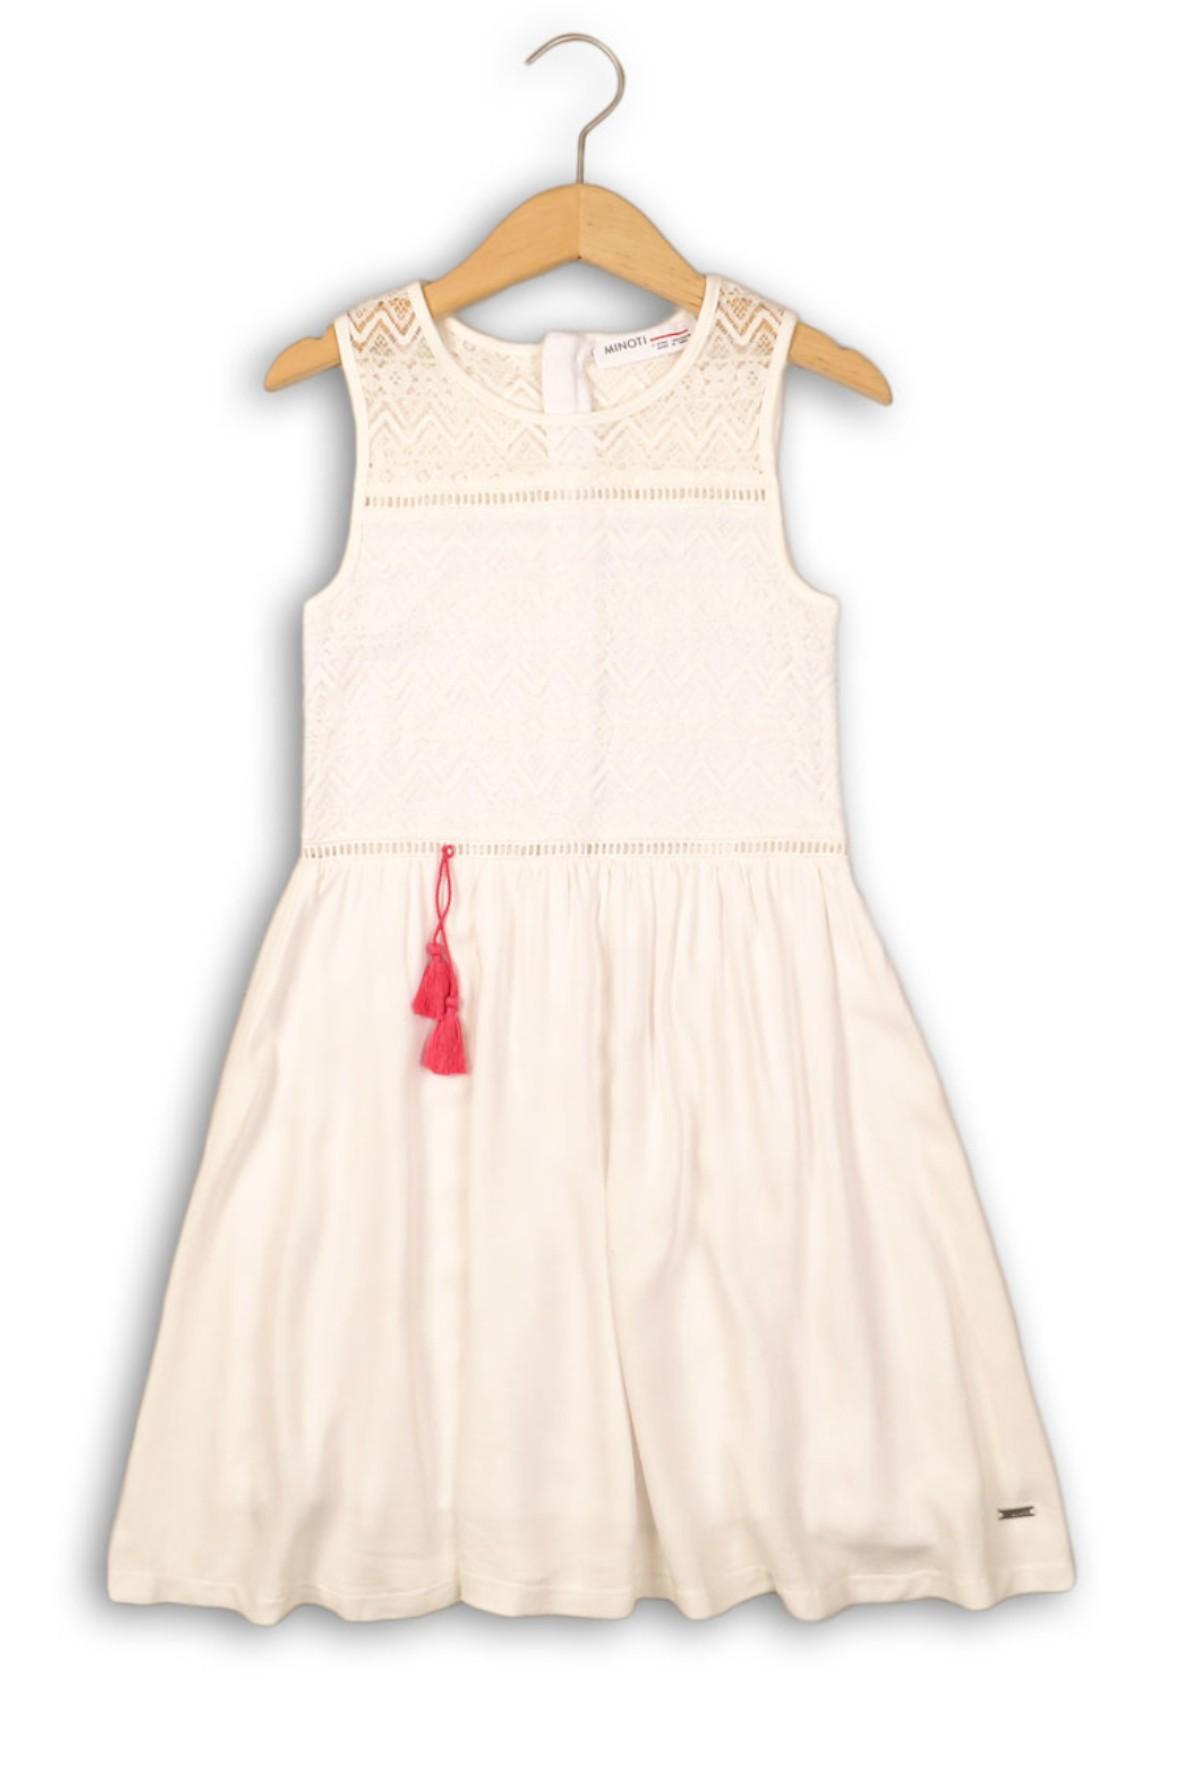 983174902b Elegancka biała sukienka dziewczęca z ażurową górą ...